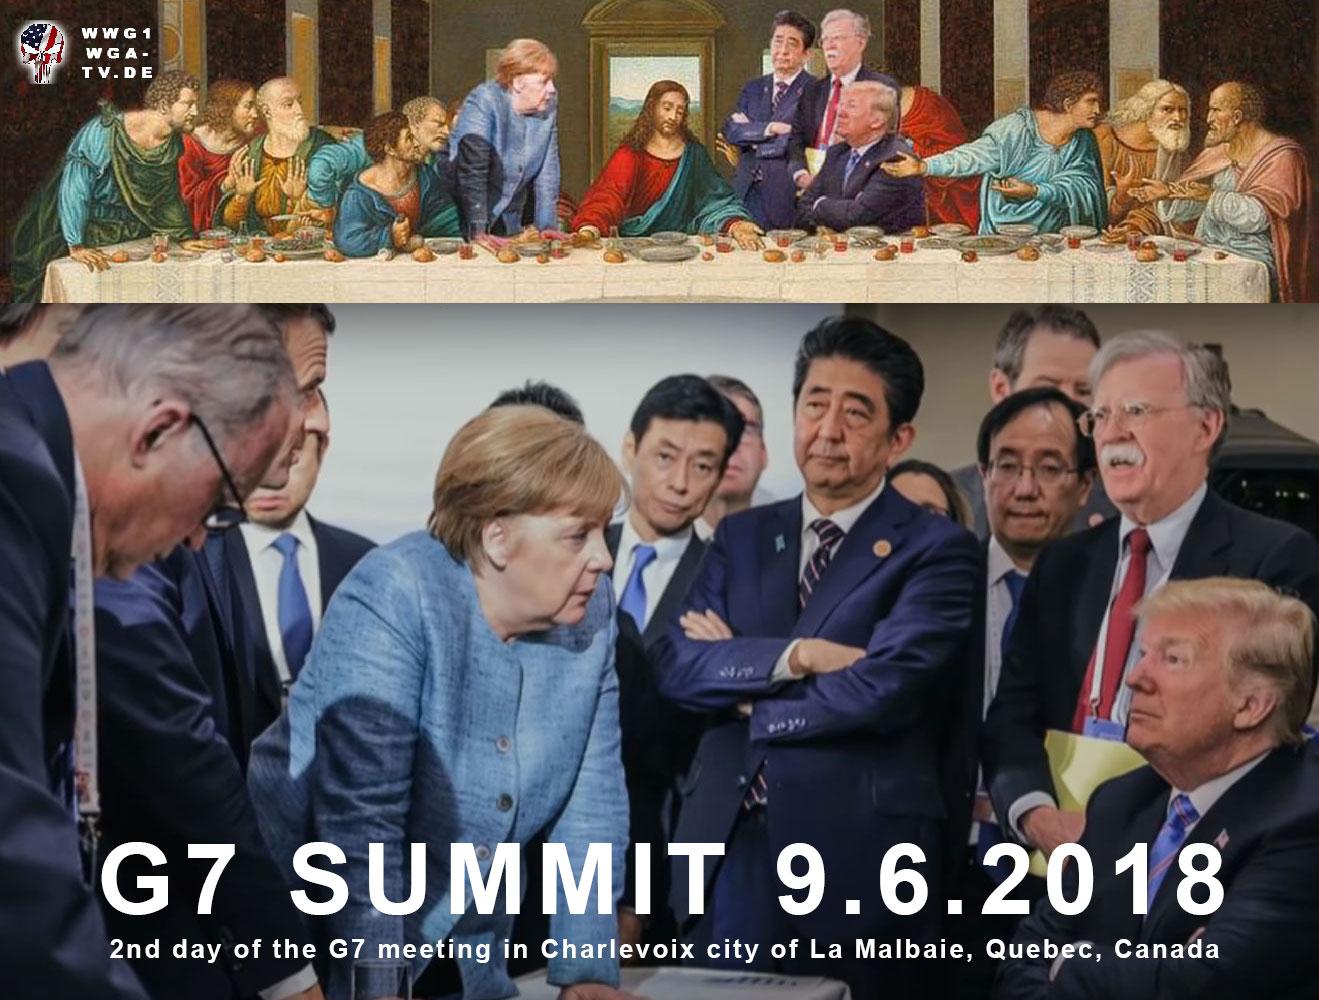 G7 Treffen in Kanada - 9.6.2018 ohne Russland